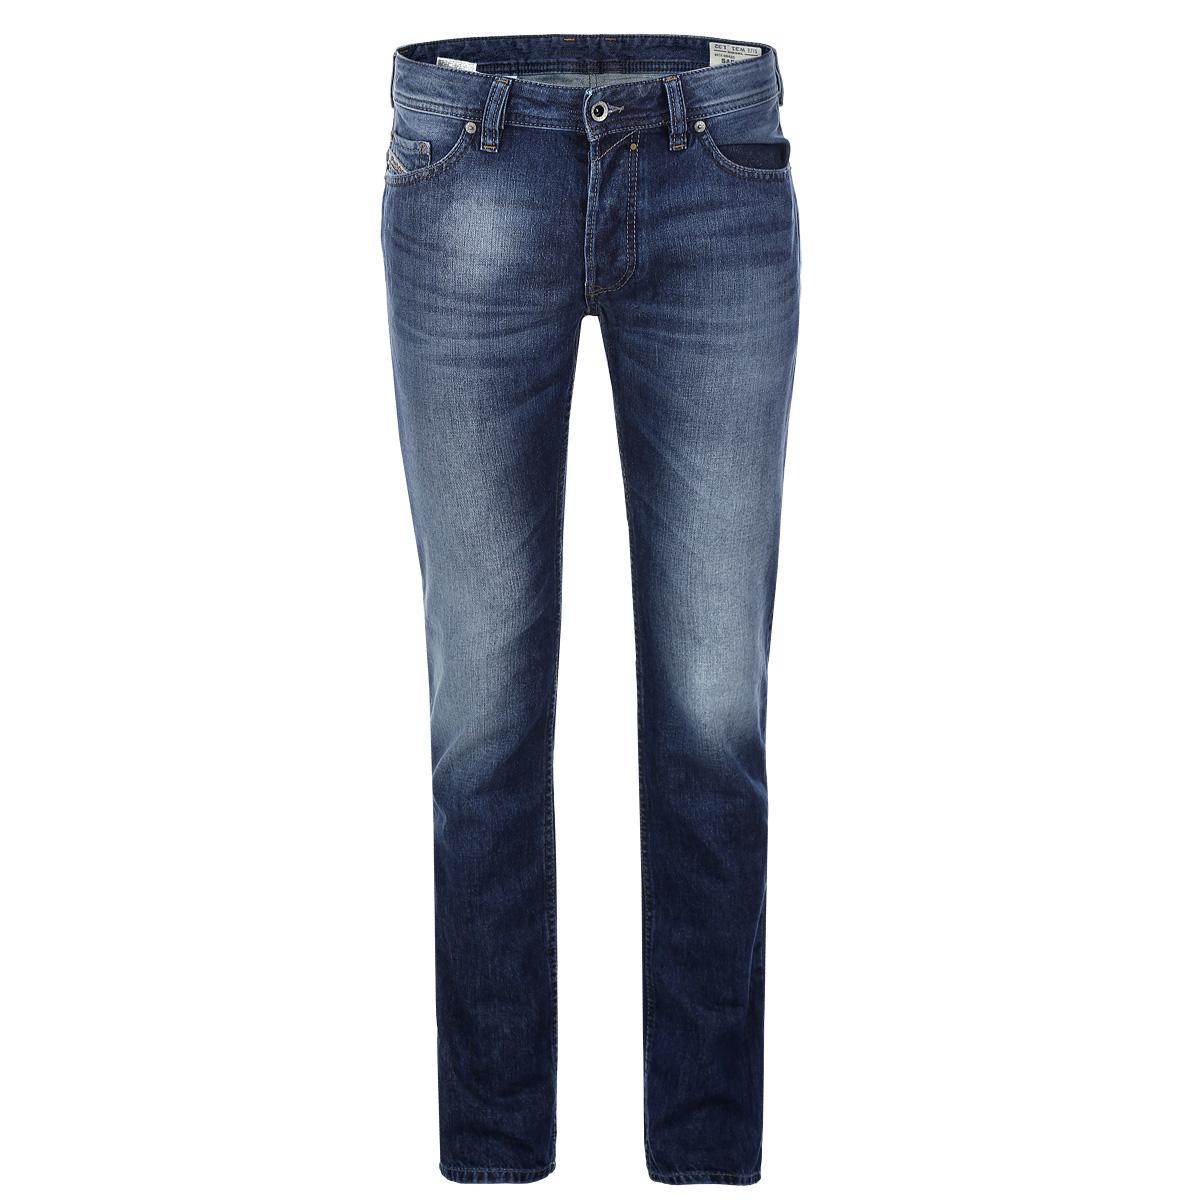 Джинсы мужские Safado. 00C03G-0842C/0100C03G-0842C/01Стильные мужские джинсы Diesel Safado - джинсы высочайшего качества, которые прекрасно сидят. Модель прямого слегка зауженного кроя и средней посадки изготовлена из высококачественного плотного хлопка, не сковывает движения и дарит комфорт. Застегиваются джинсы на пуговицу в поясе и ширинку на металлических пуговицах, имеются шлевки для ремня. Спереди модель дополнена двумя втачными карманами и одним секретным кармашком, а сзади - двумя накладными карманами и небольшим прорезным кармашком, расположенным под поясом. Джинсы оформлены тертым эффектом и перманентными складками. Эти модные и в тоже время удобные джинсы помогут вам создать оригинальный современный образ. В них вы всегда будете чувствовать себя уверенно и комфортно.